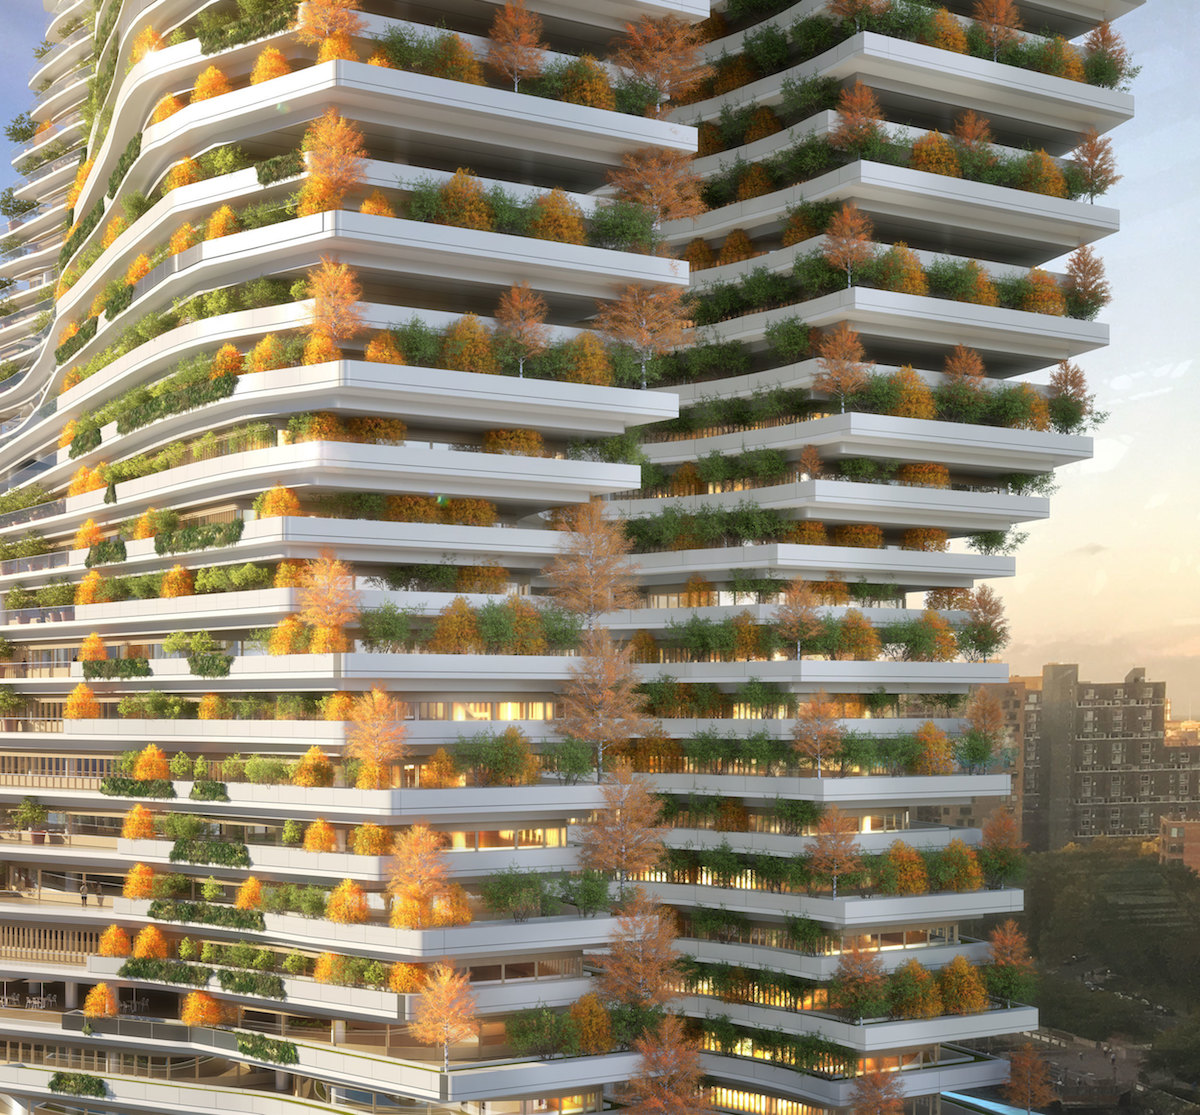 Projekt zeleného mrakodrapu taktiež pracuje s konceptom energetickej úspornosti, čo znamená zmenu životného štýlu a sociálnu premenu.